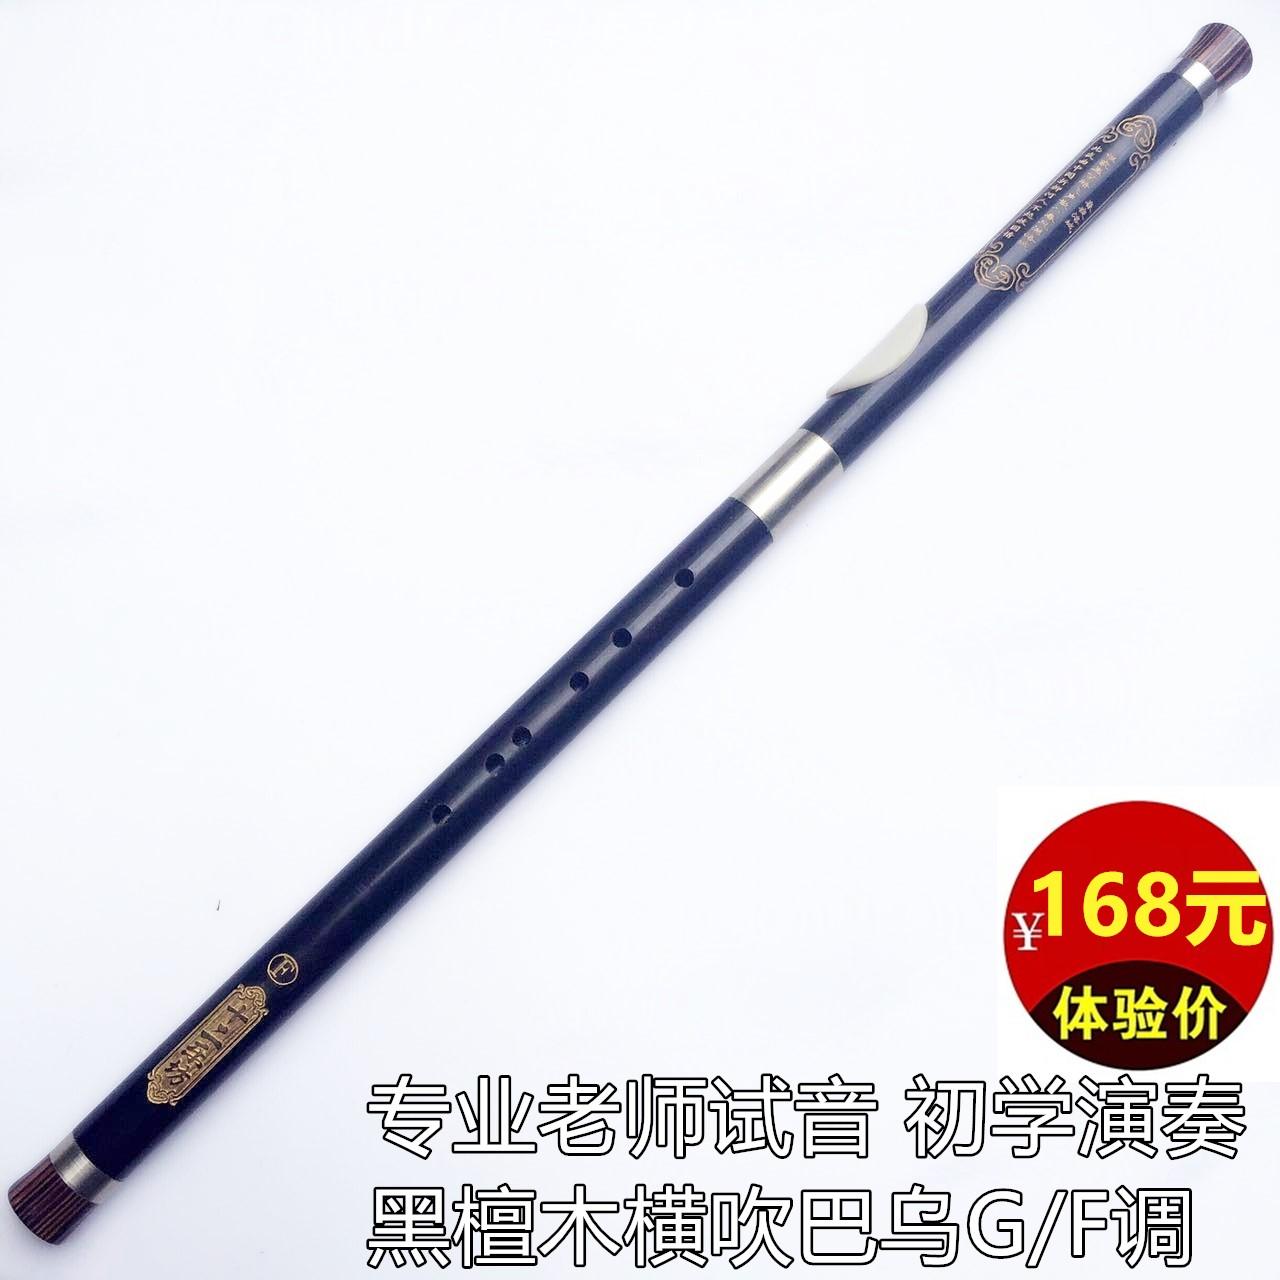 云南雀之灵名族乐器专卖横吹黑檀木巴乌G调 F调 学习演奏型 乐器